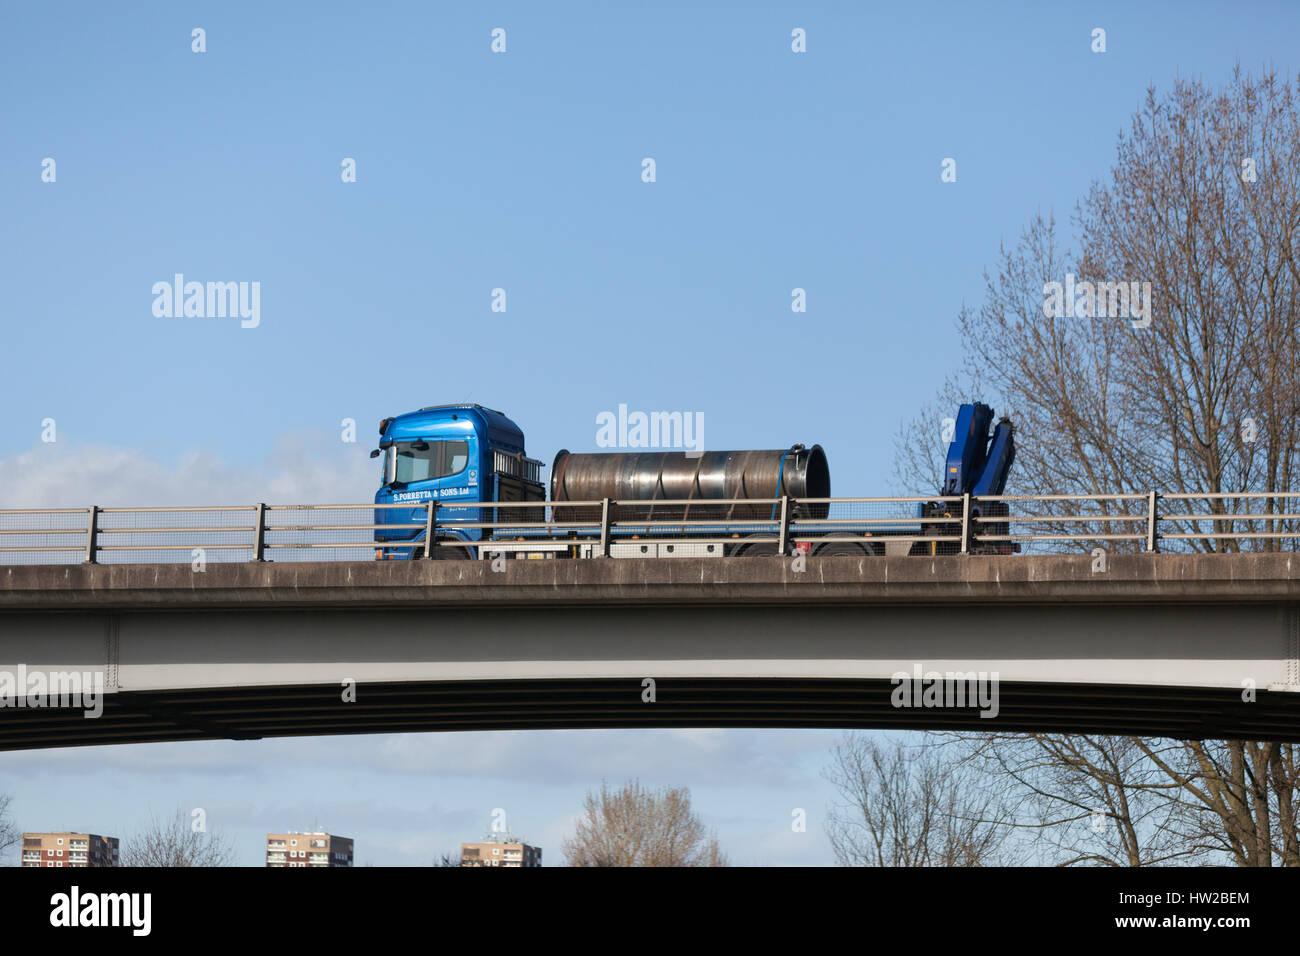 Fabbricazione di acciaio su un autocarro nelle Midlands Immagini Stock